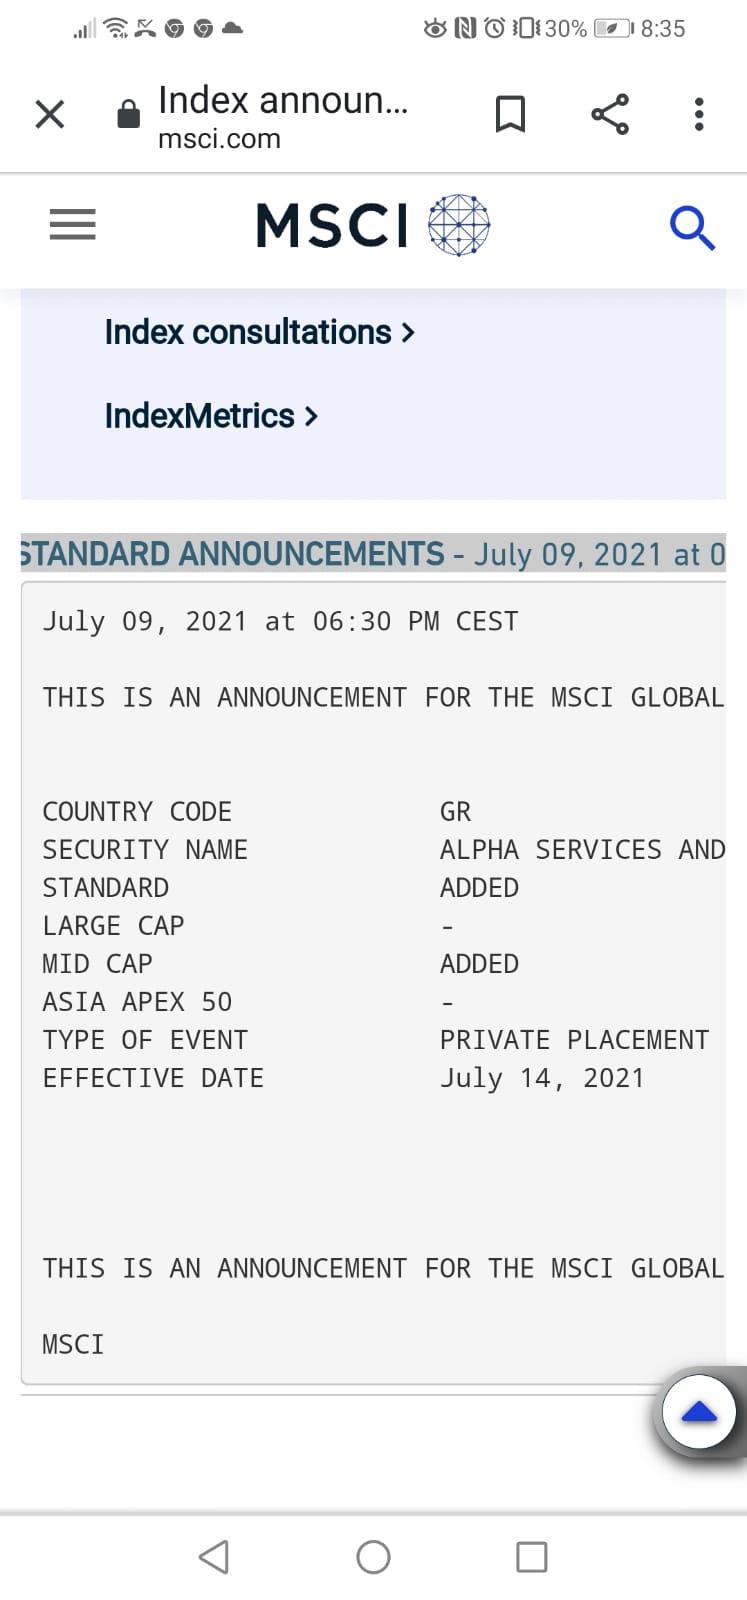 alpha-bank-sto-deikti-global-standard-toy-msci-apo-14-ioylioy0